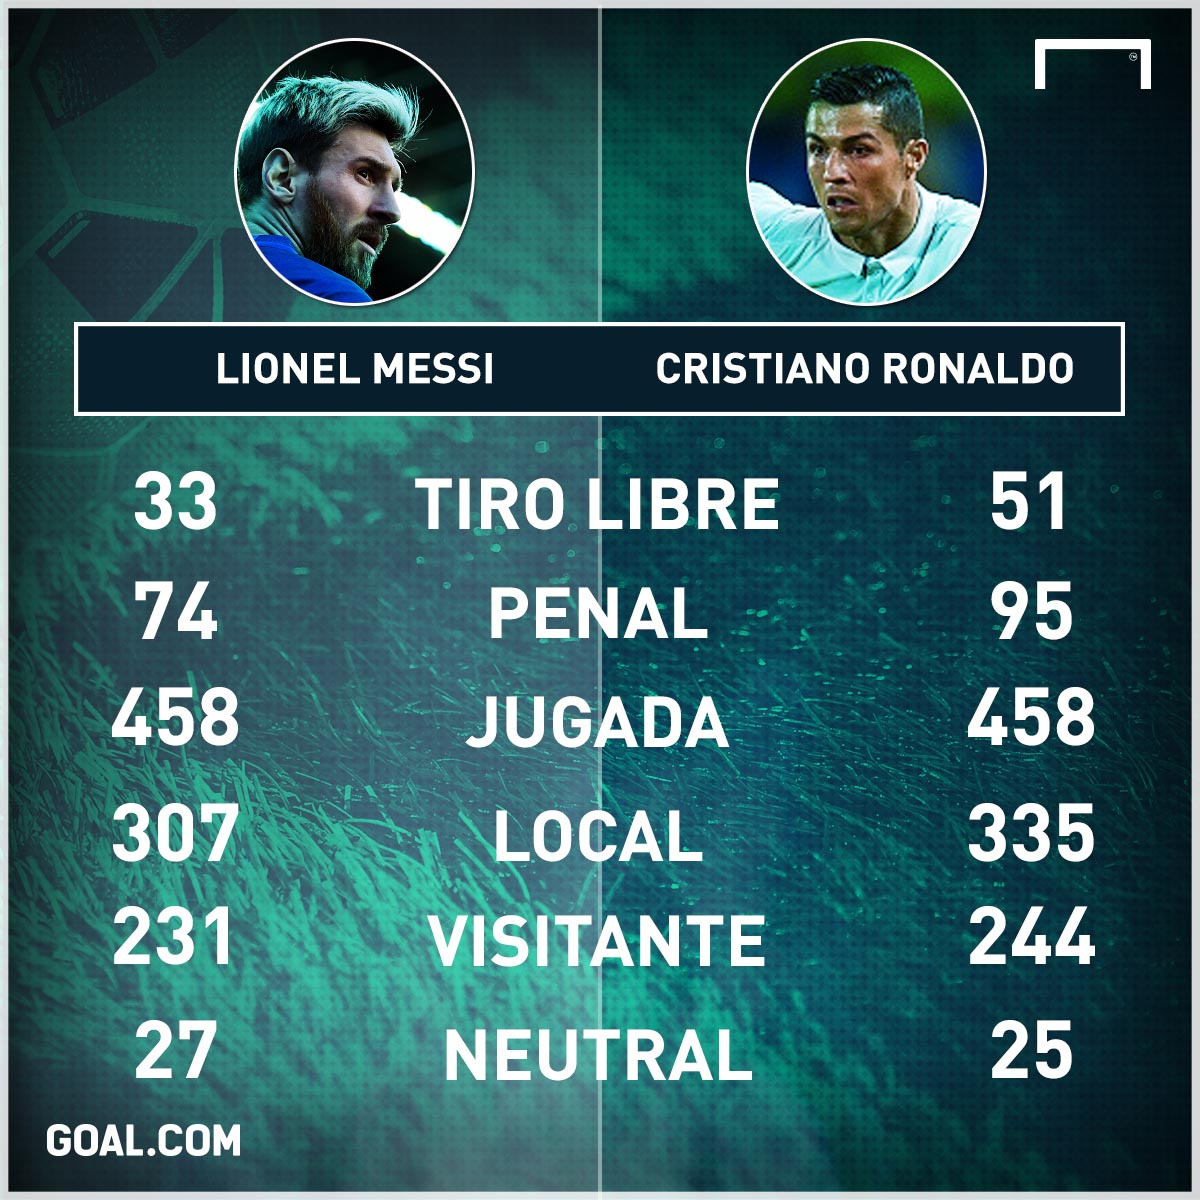 Cristiano Ronaldo imitó la celebración de Messi y mostró su camiseta